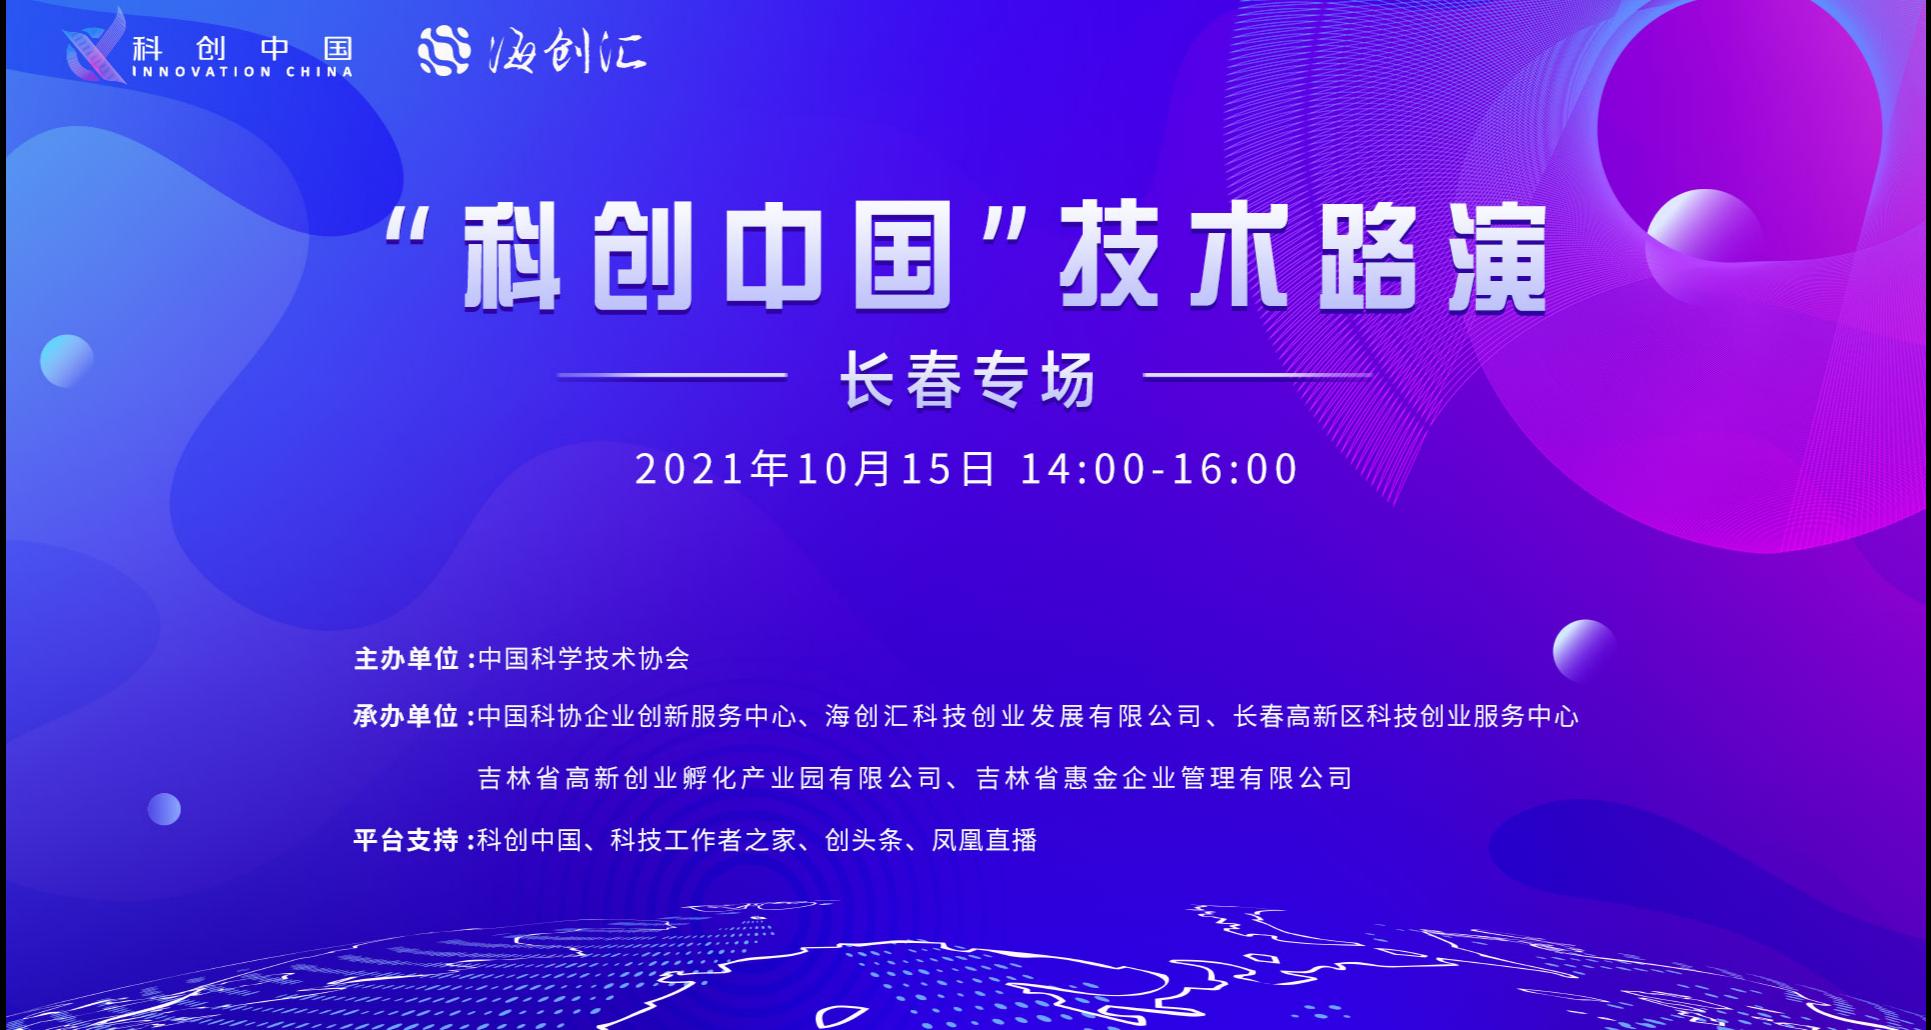 """""""科创中国""""技术路演——长春专场活动预告"""